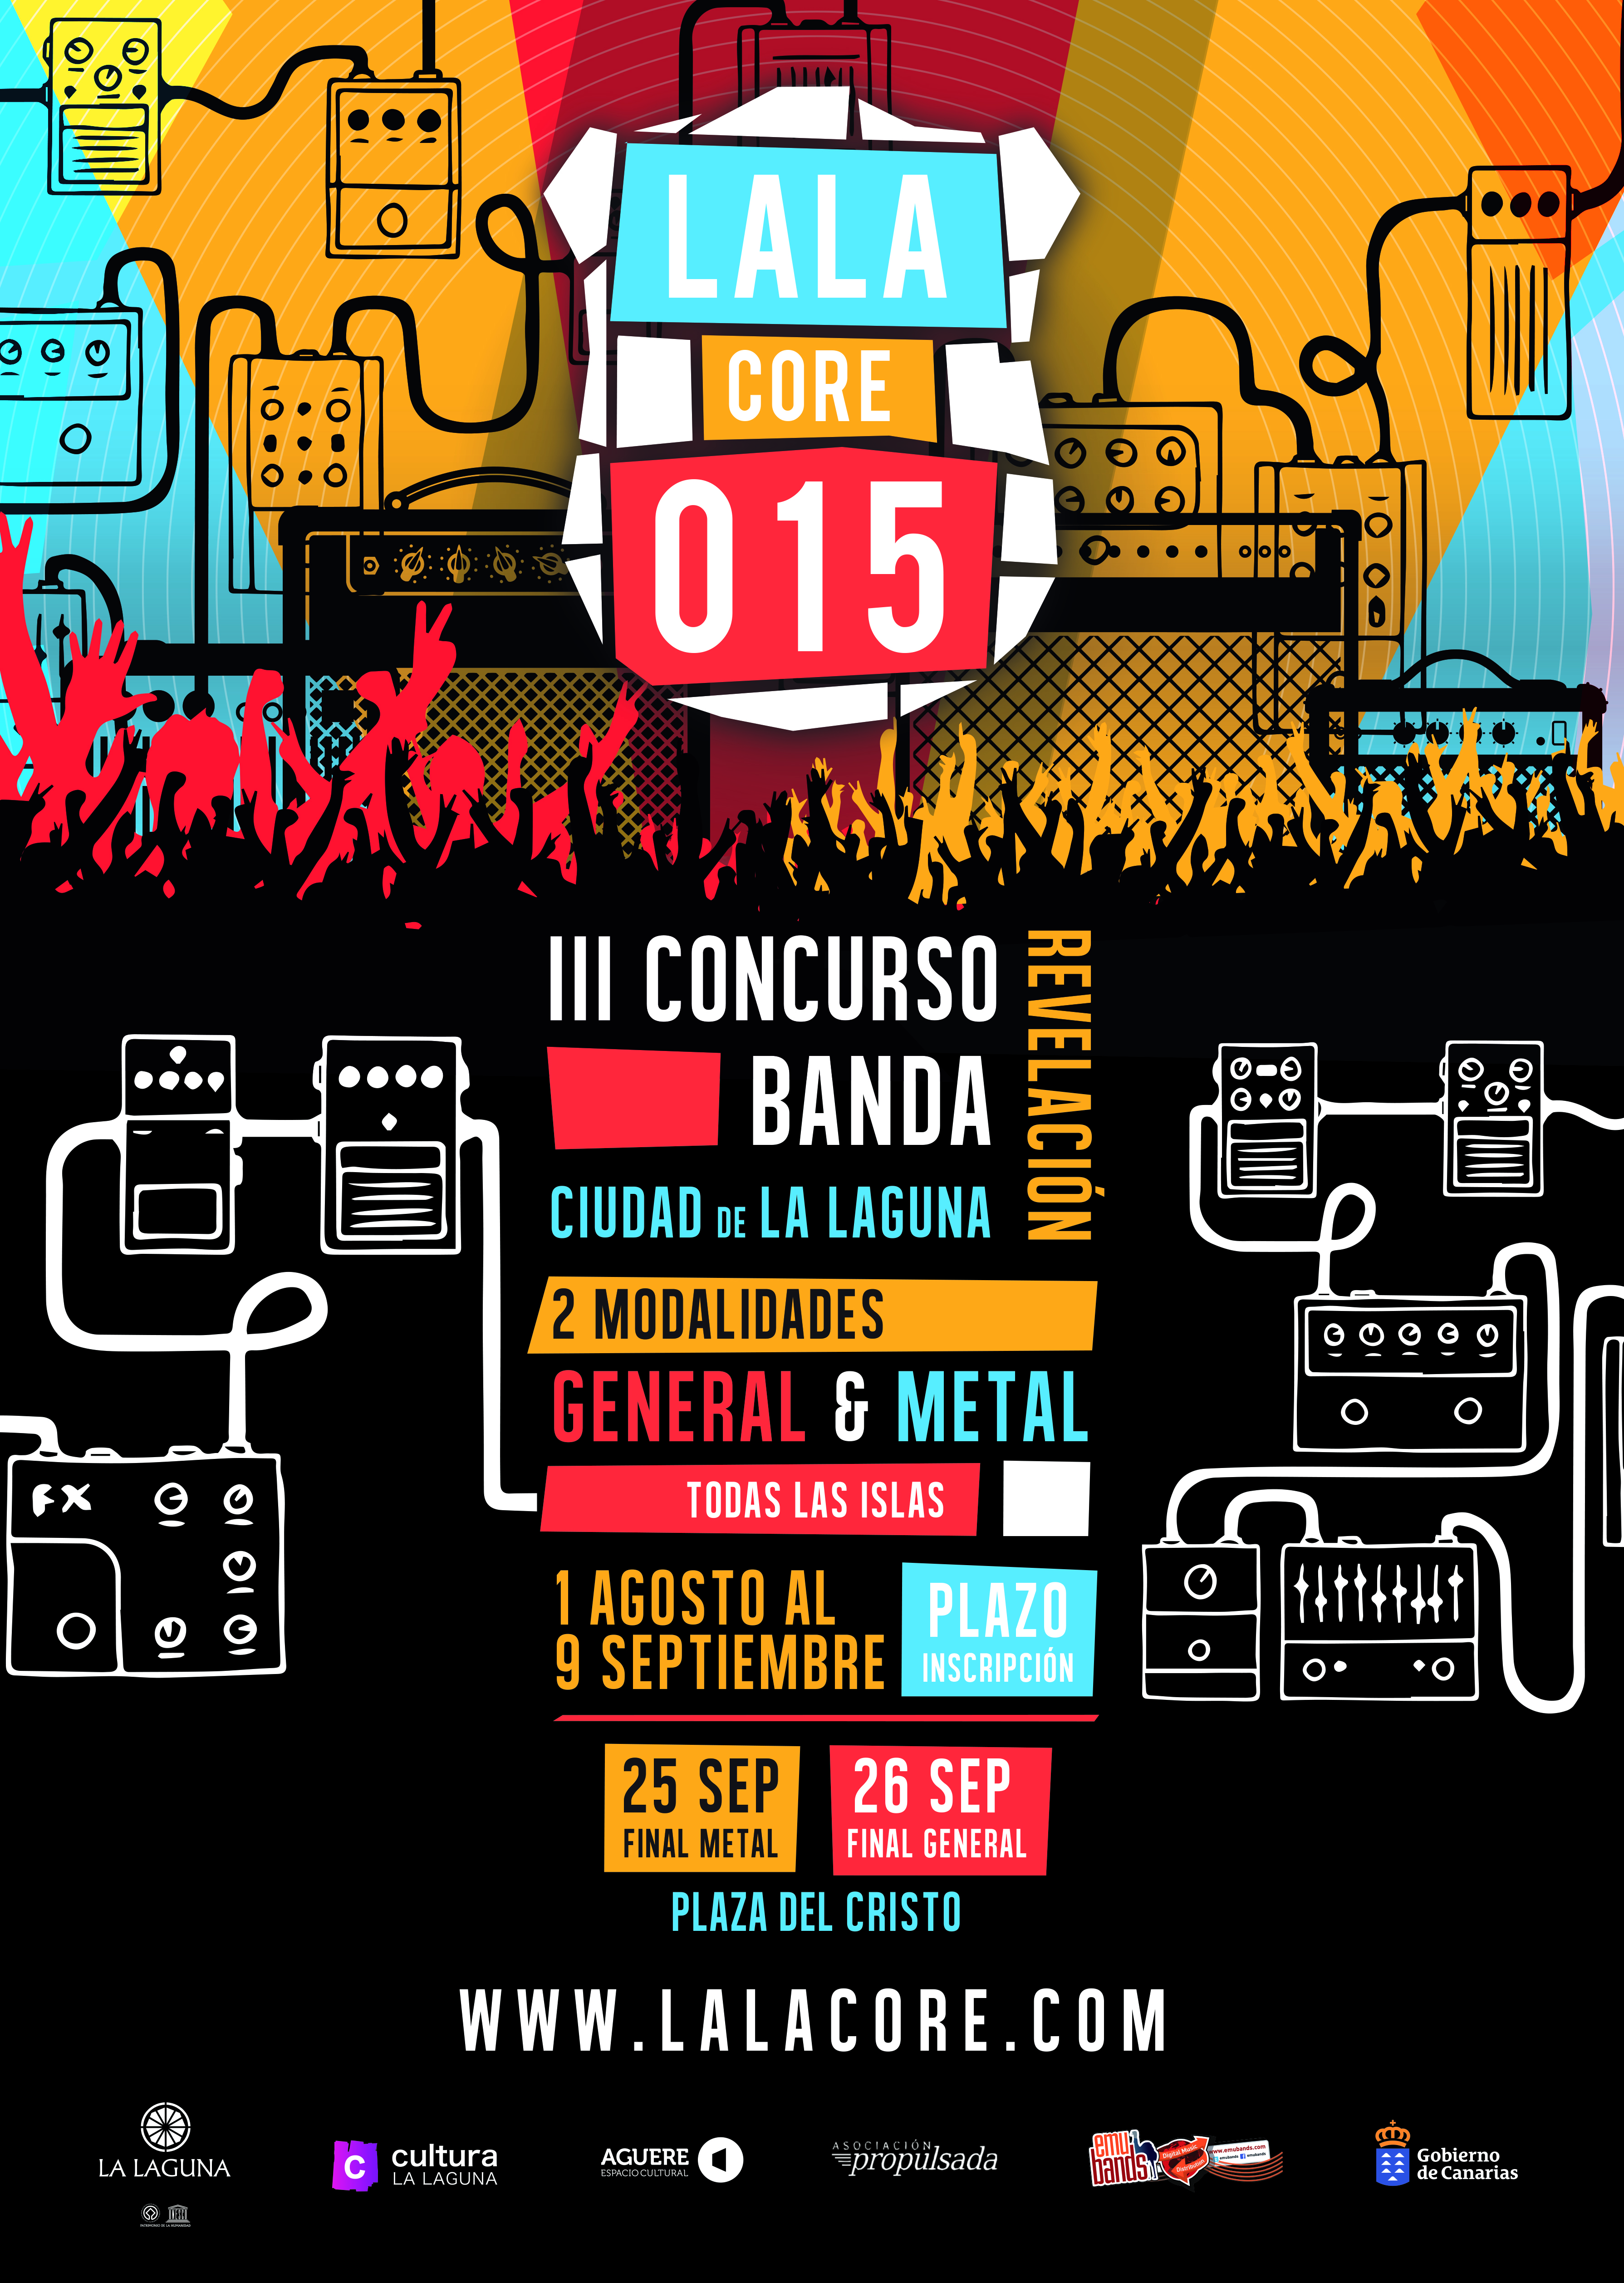 concurso bandas lalacore 2015